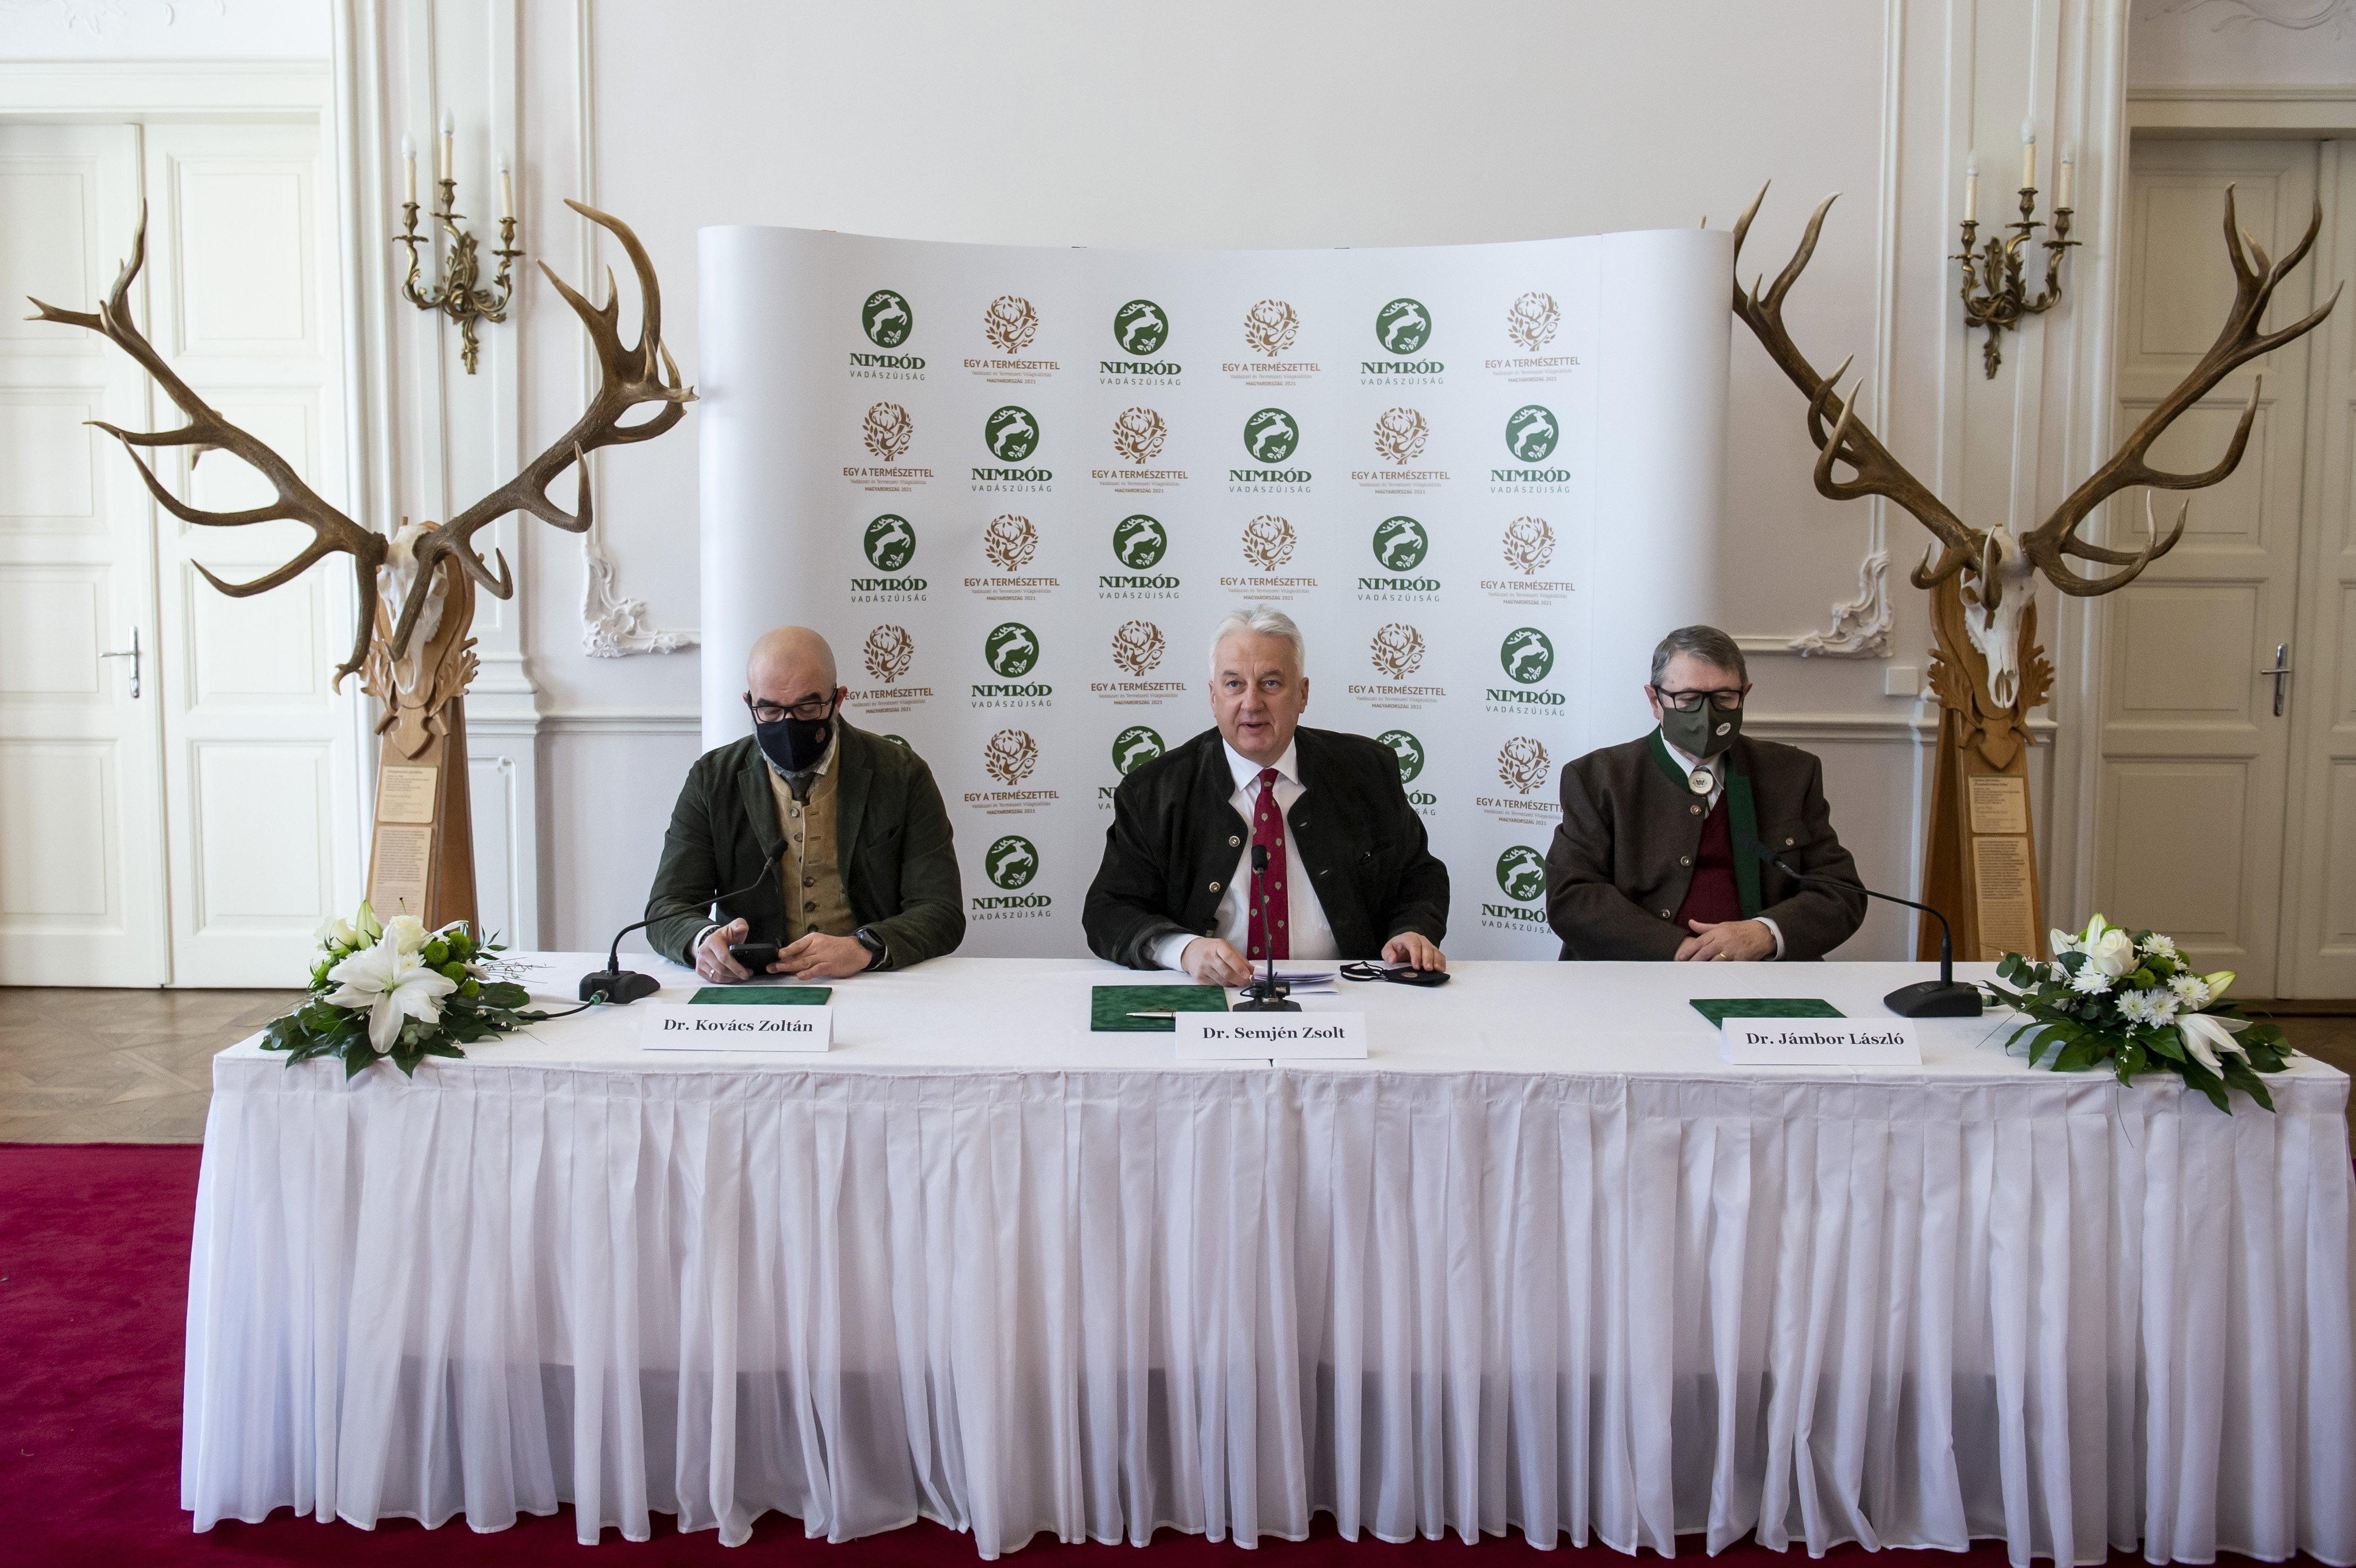 Félmilliárd forinttal drágul a vadászati világkiállítás kommunikációja